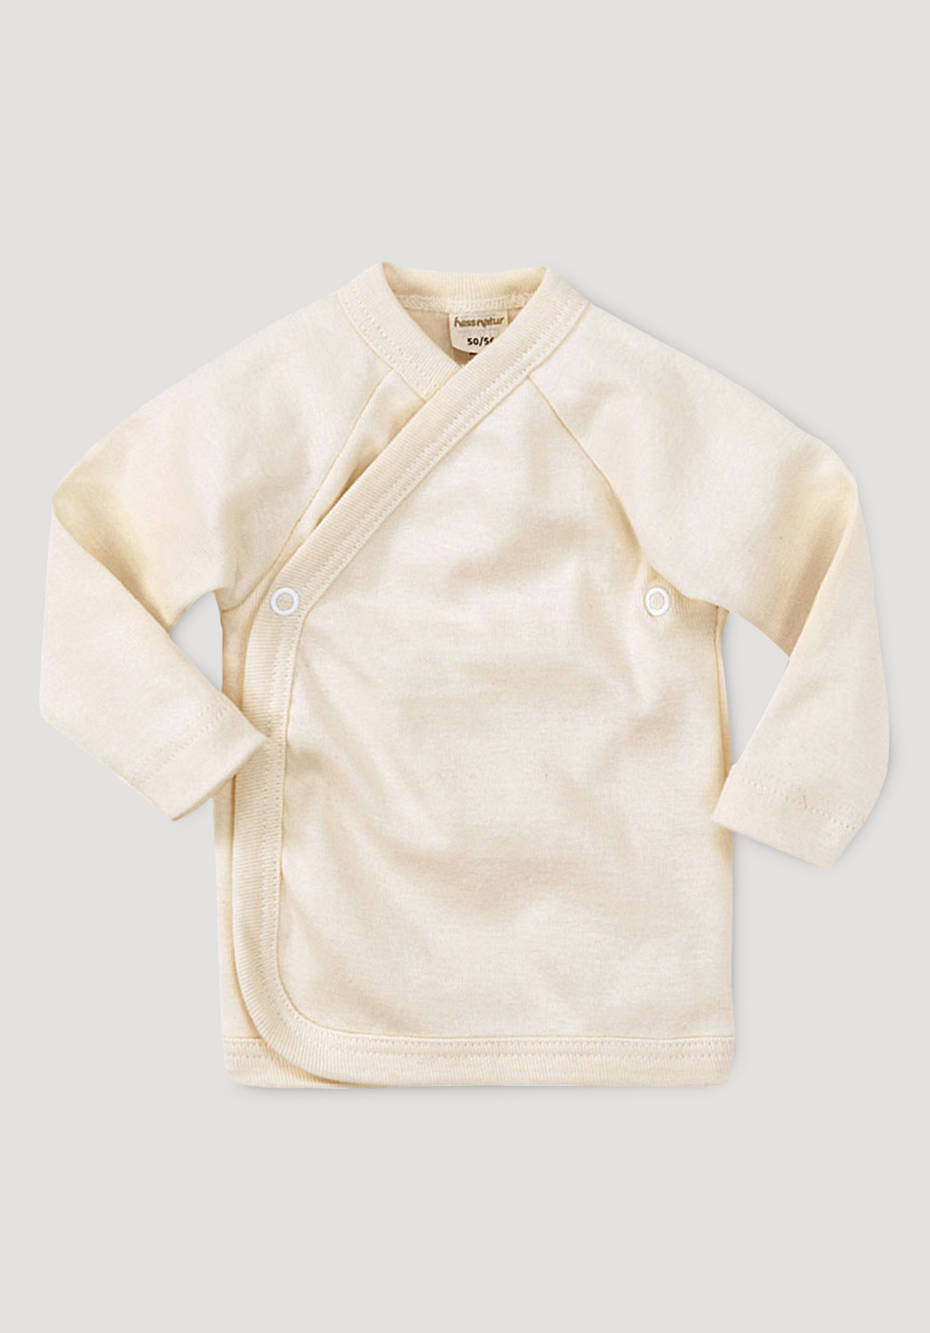 Wickelhemd aus reiner Bio-Baumwolle